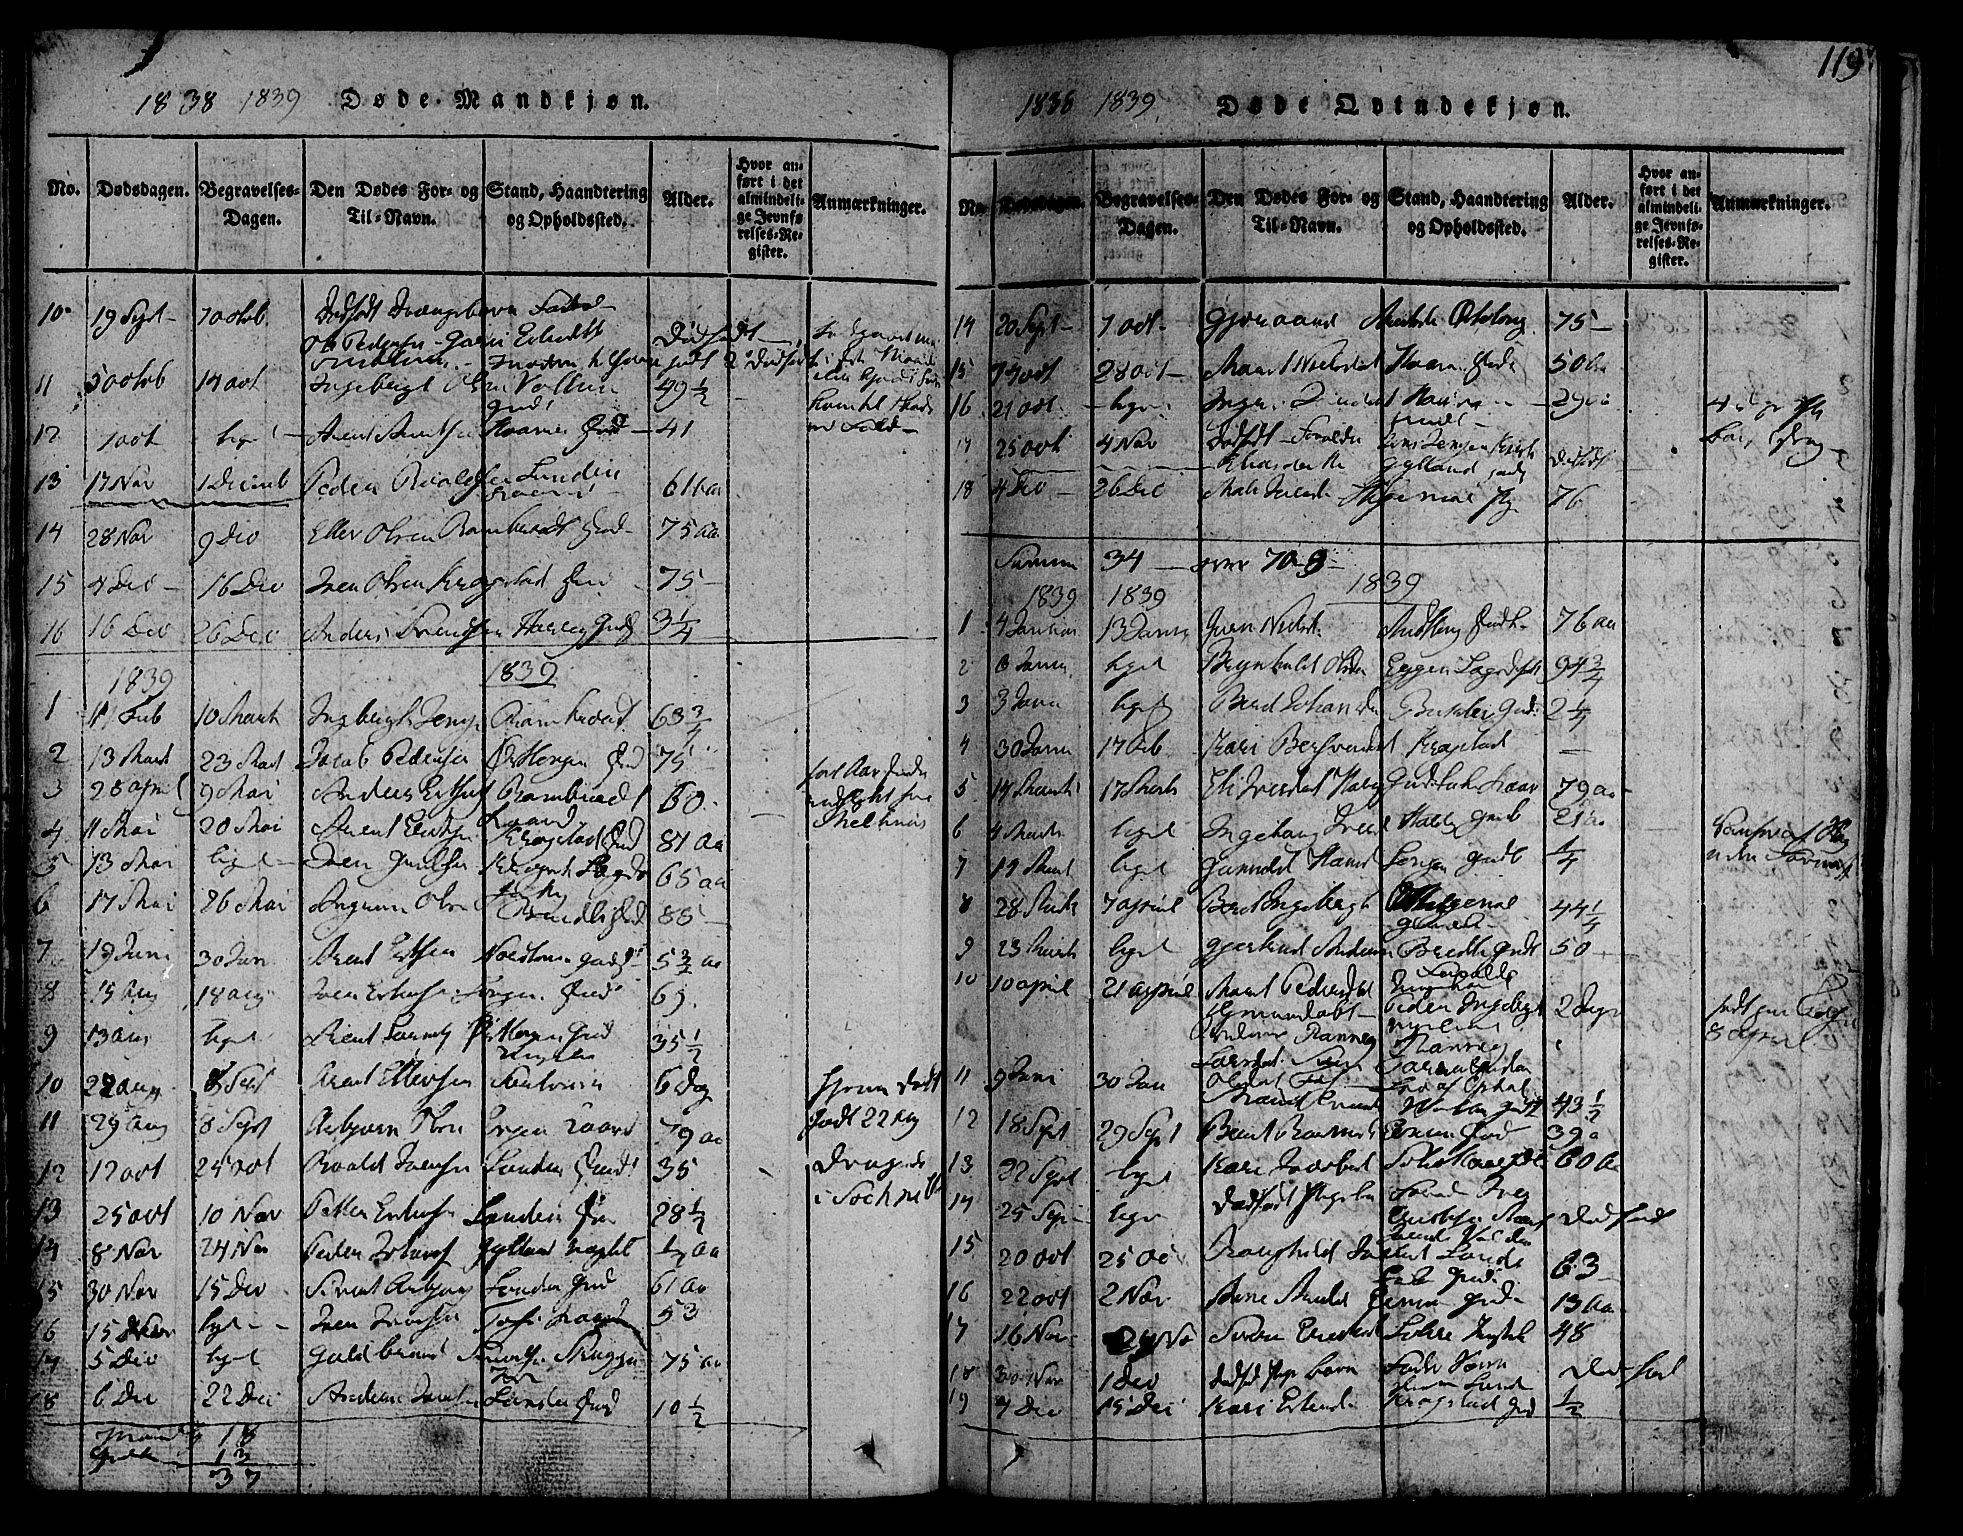 SAT, Ministerialprotokoller, klokkerbøker og fødselsregistre - Sør-Trøndelag, 692/L1102: Ministerialbok nr. 692A02, 1816-1842, s. 119